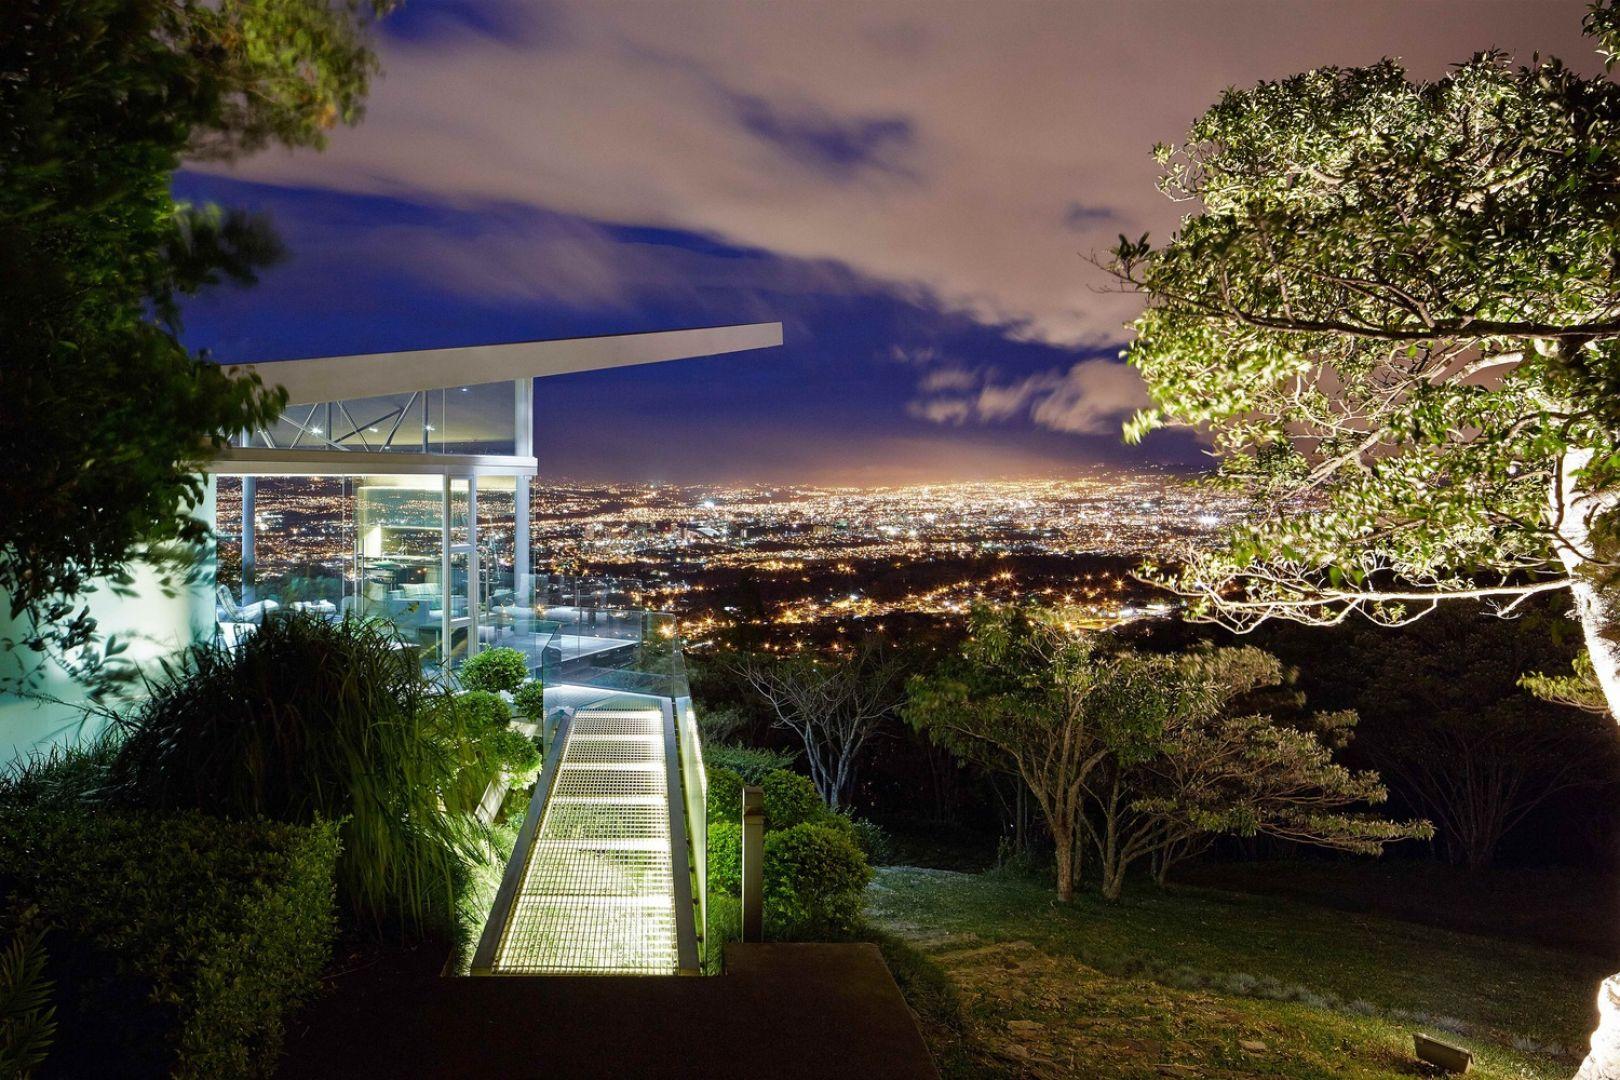 Z tego małego domu o powierzchni użytkowej 52 mkw rozciąga się spektakularny widok na wulkaniczne pasmo górskie. Z kolei nocą ożywa miasto San Jose feerią barw, które można podziwiać zarówno z tarasu, jak i z wnętrza domu. Fot. Jordi Miralles